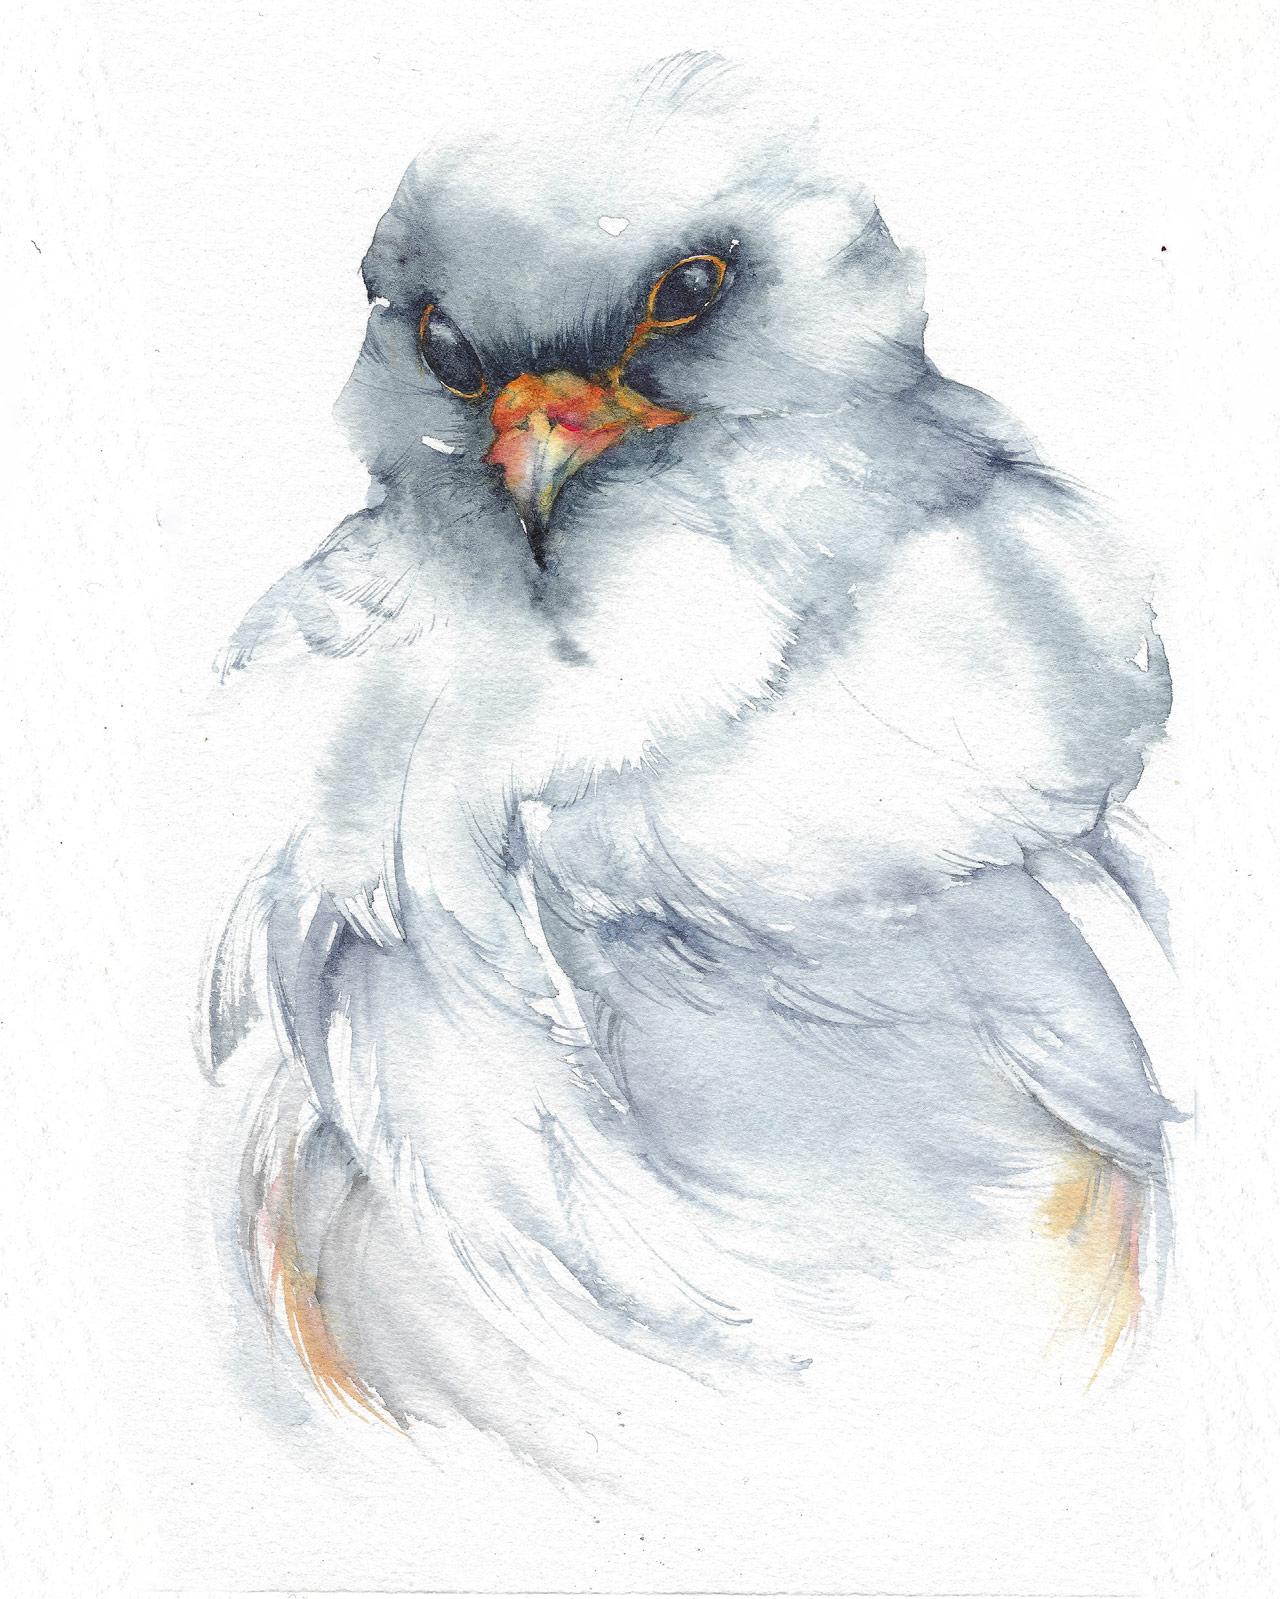 Amato falco-cuculo-Spec 1 - Falco-vespertinus-silvia-molinari  QZ36